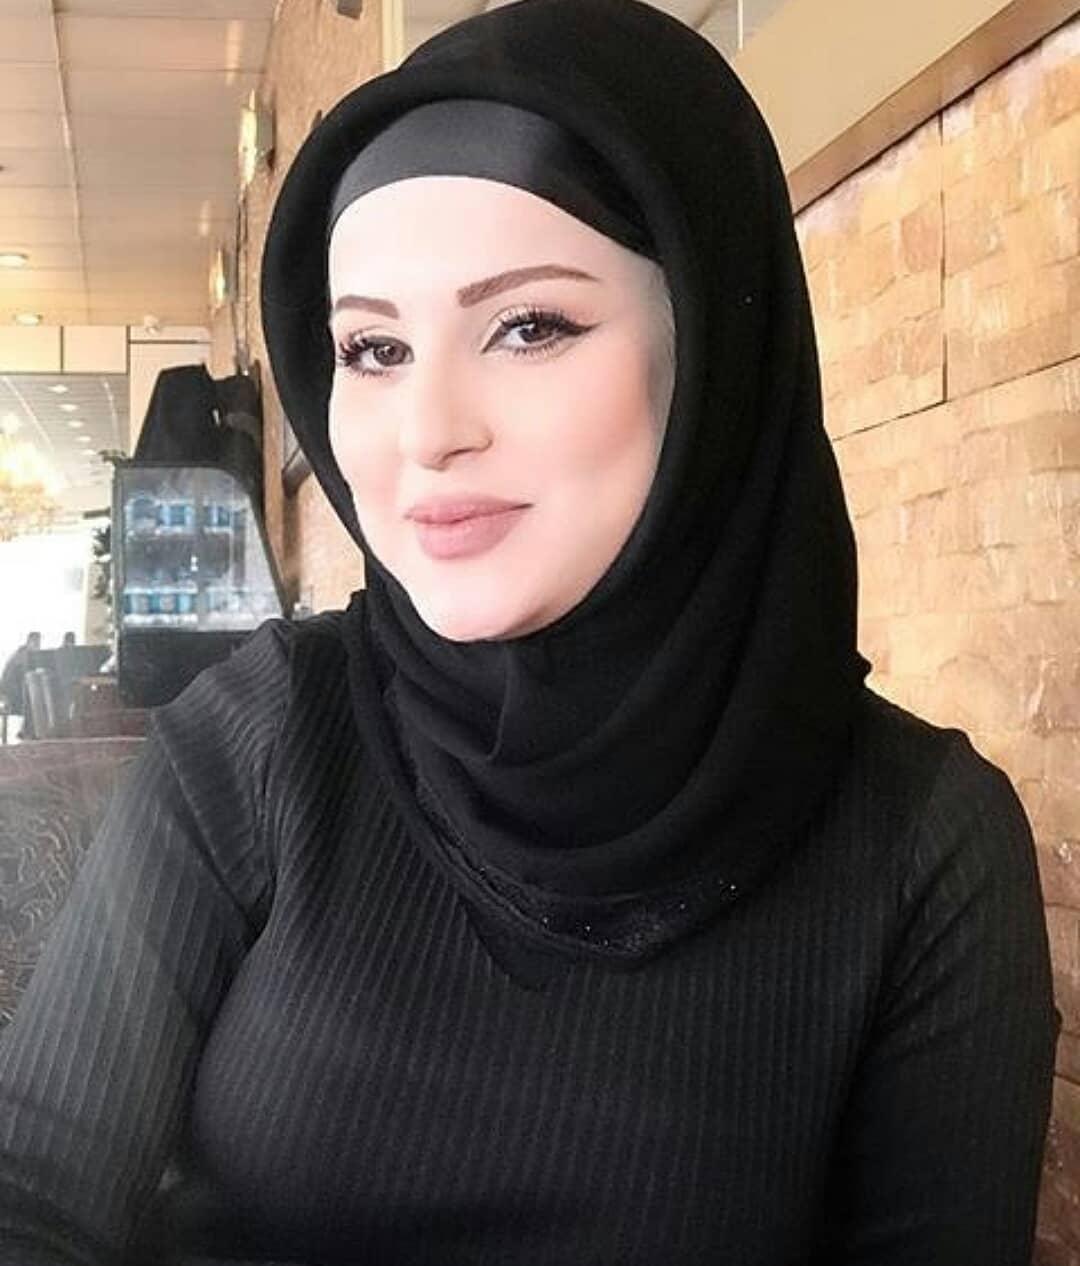 بالصور بنات خليجية , اجمل النساء الخليجيات 6369 3